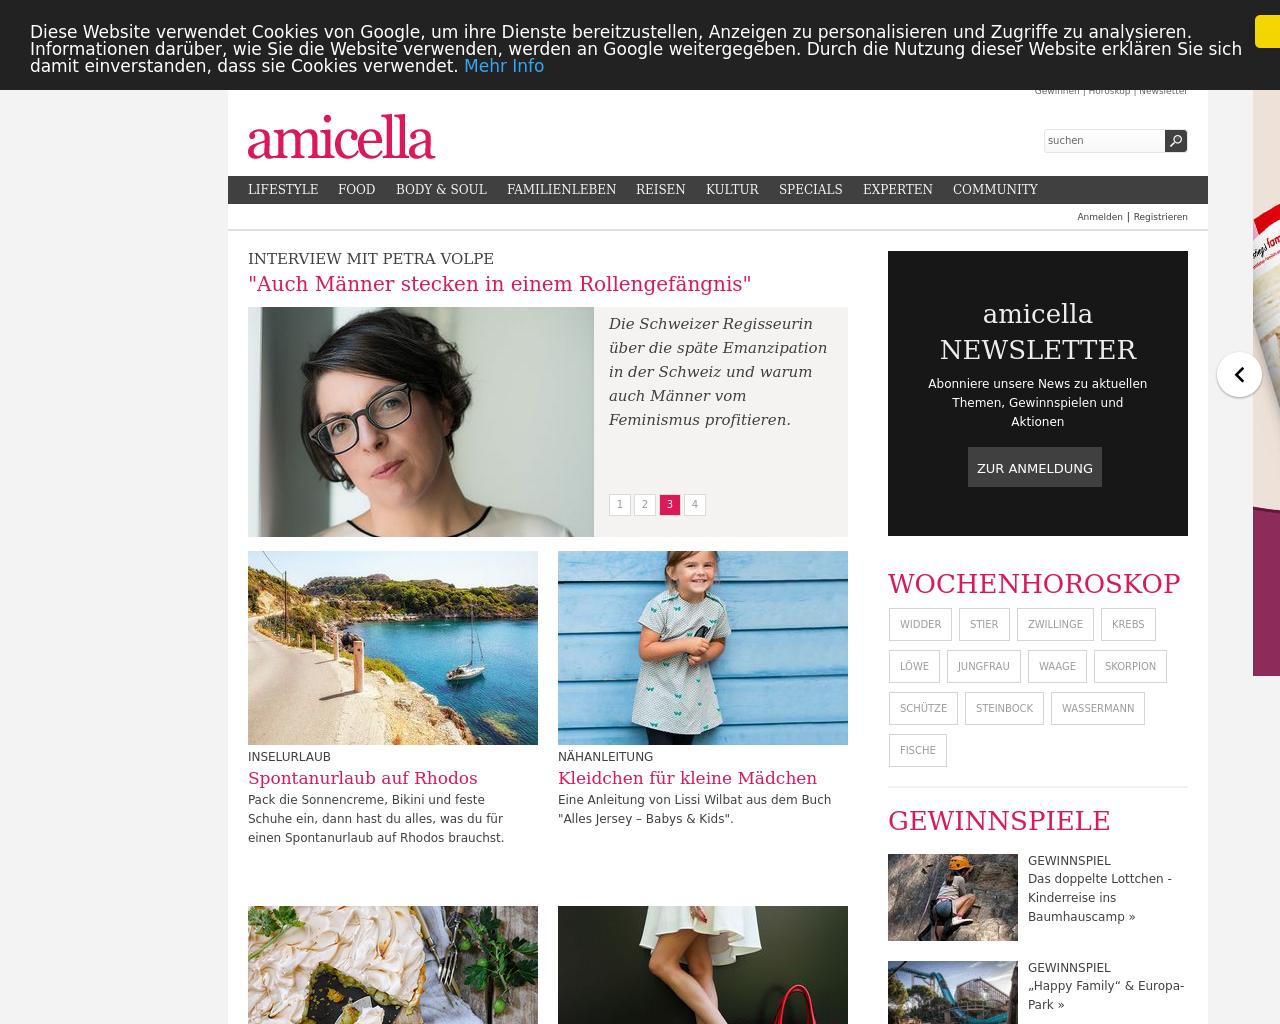 Amicella-Advertising-Reviews-Pricing